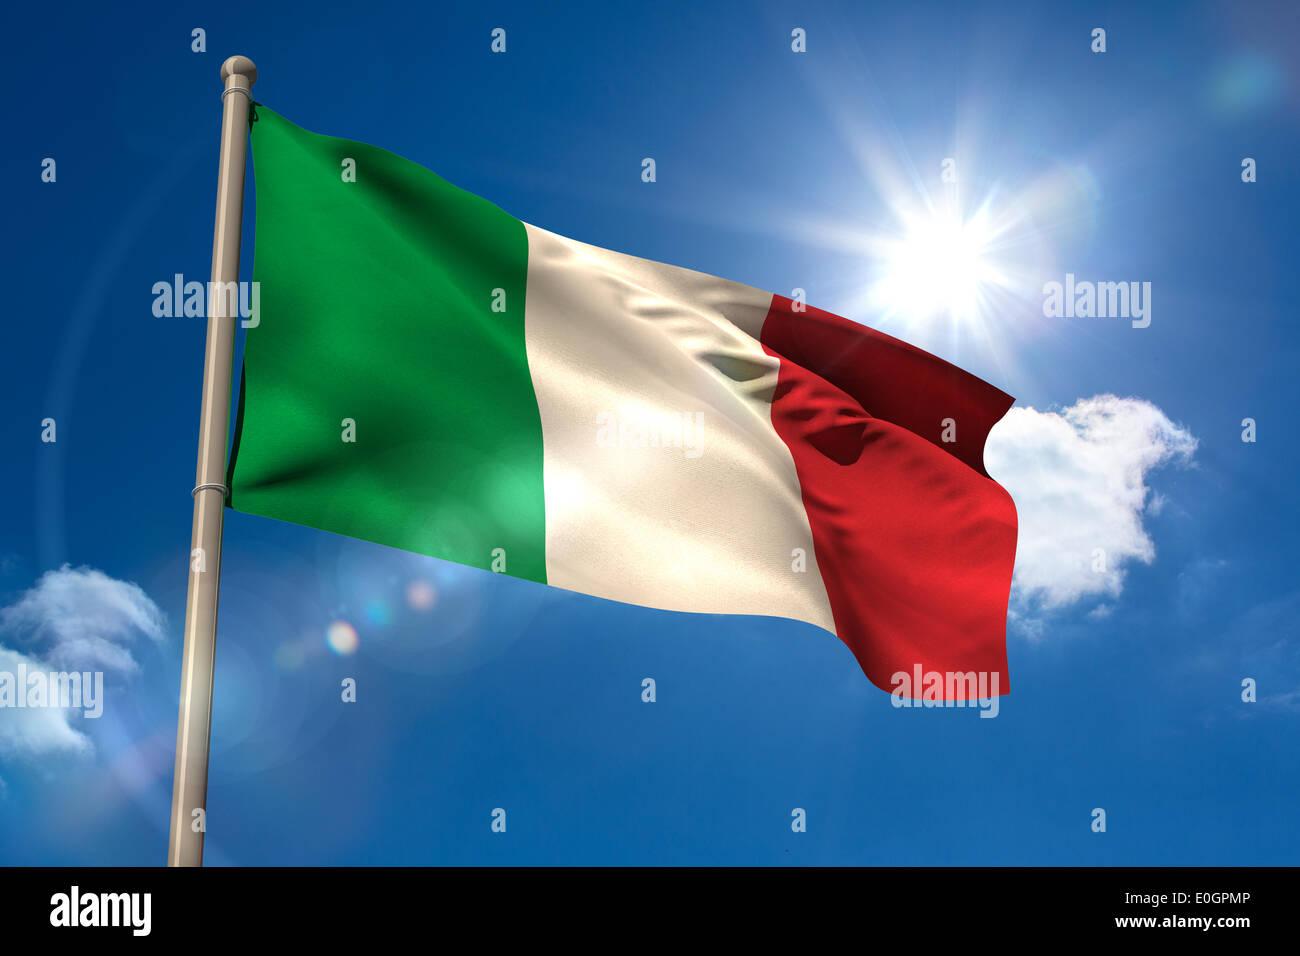 Italy national flag on flagpole - Stock Image